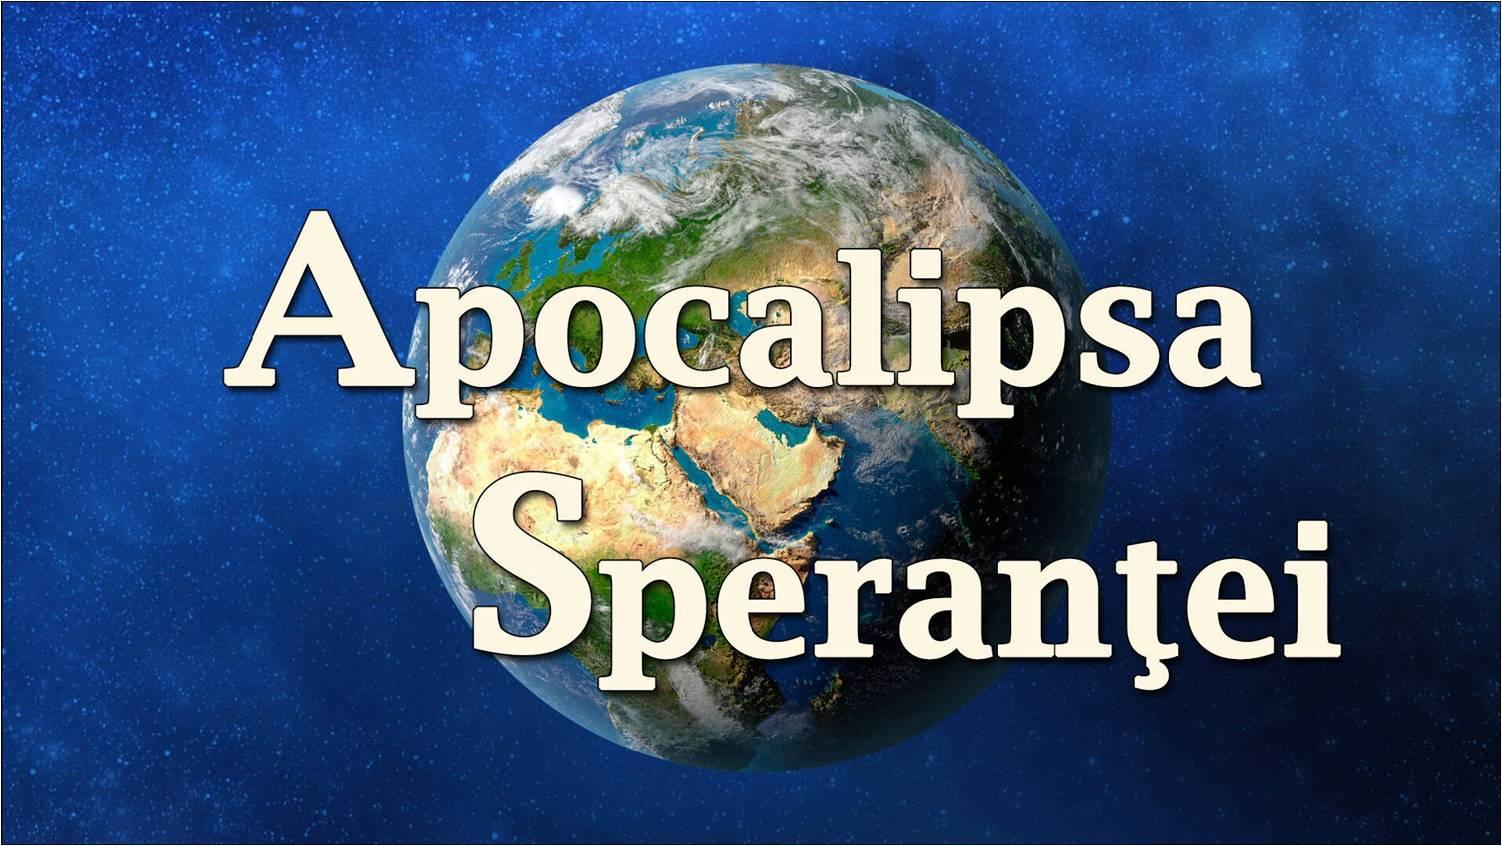 Apocalipsa Sperantei